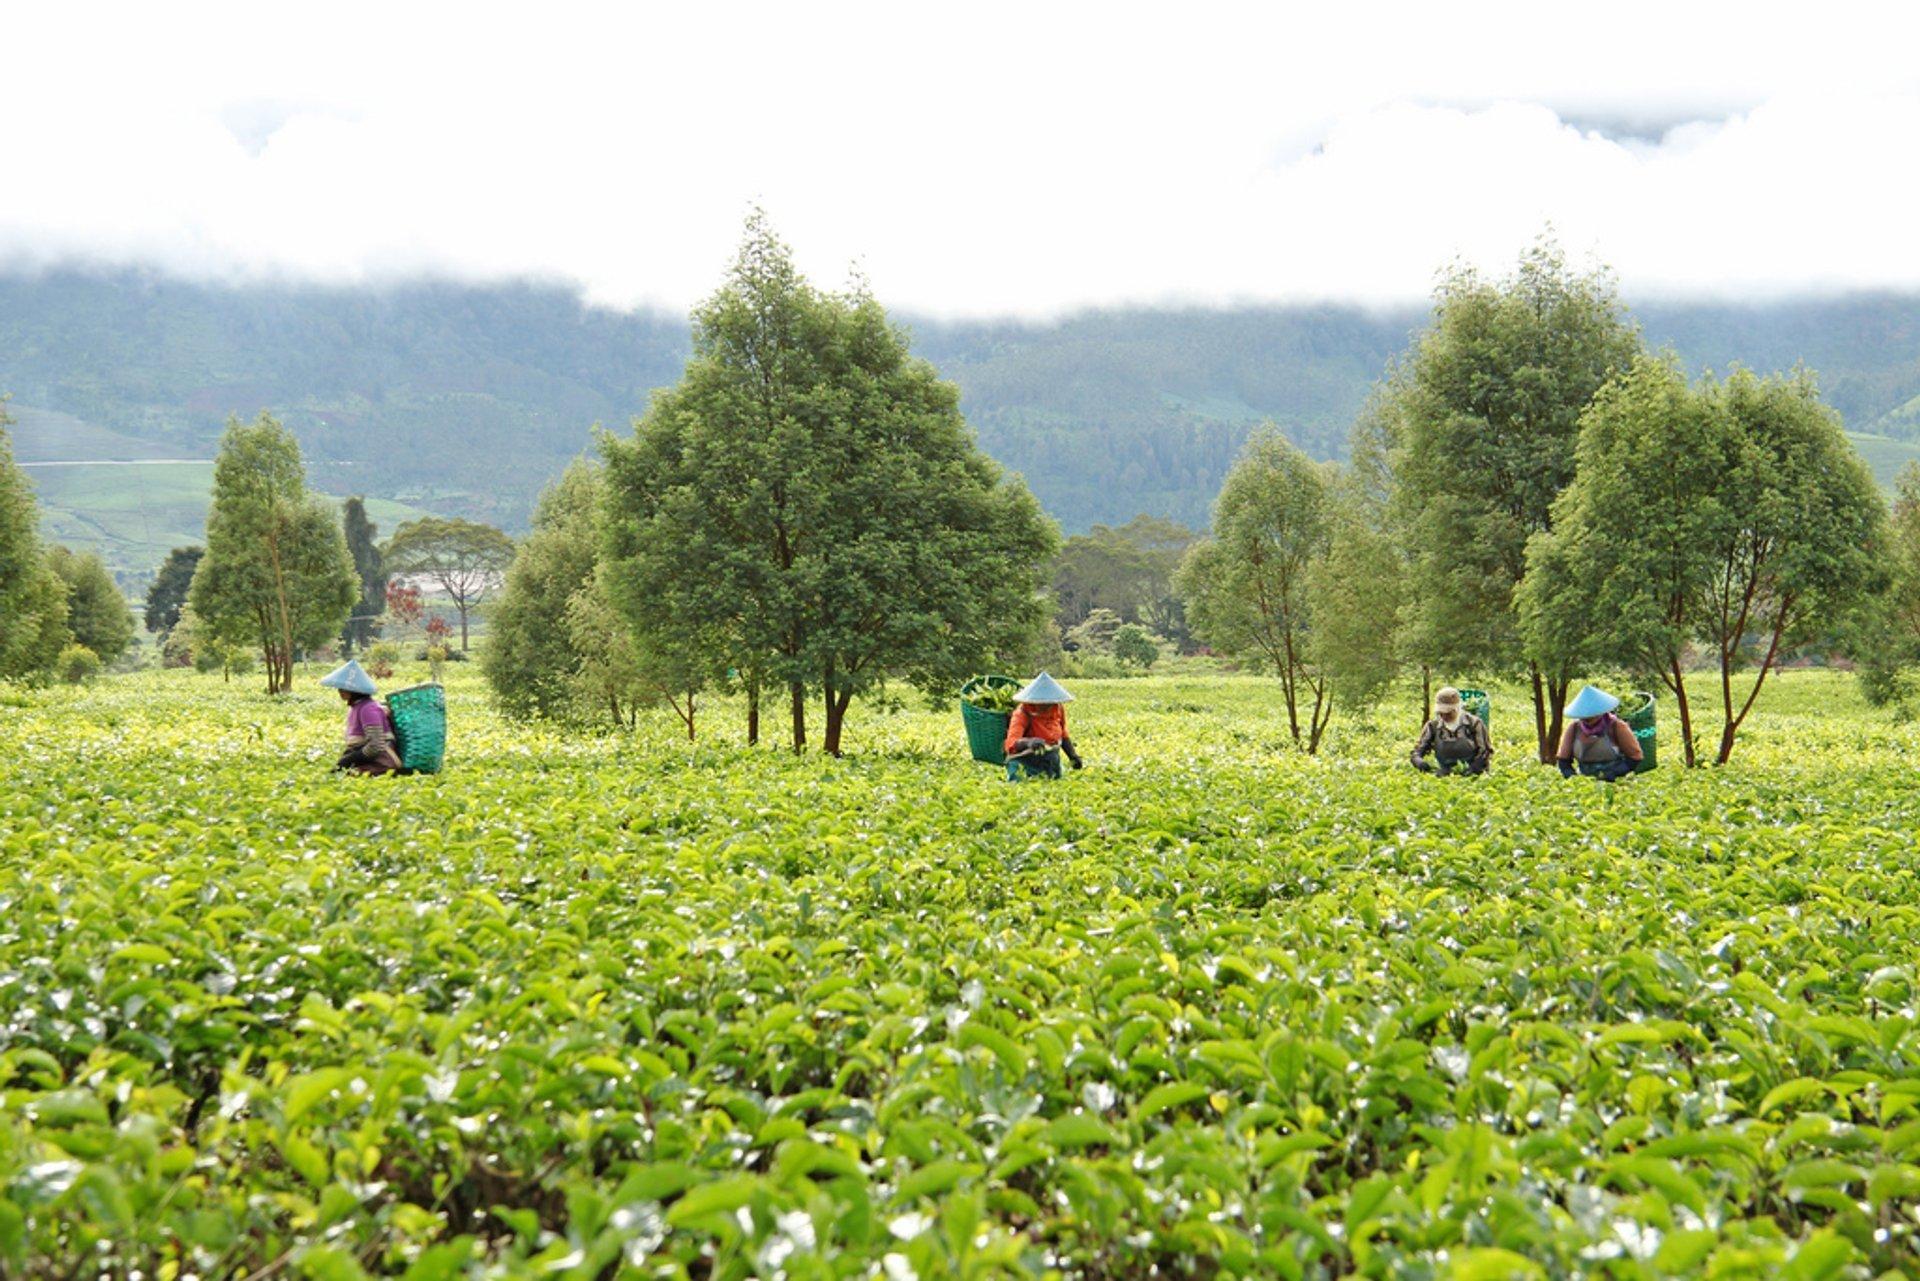 Malabar tea plantation 2019